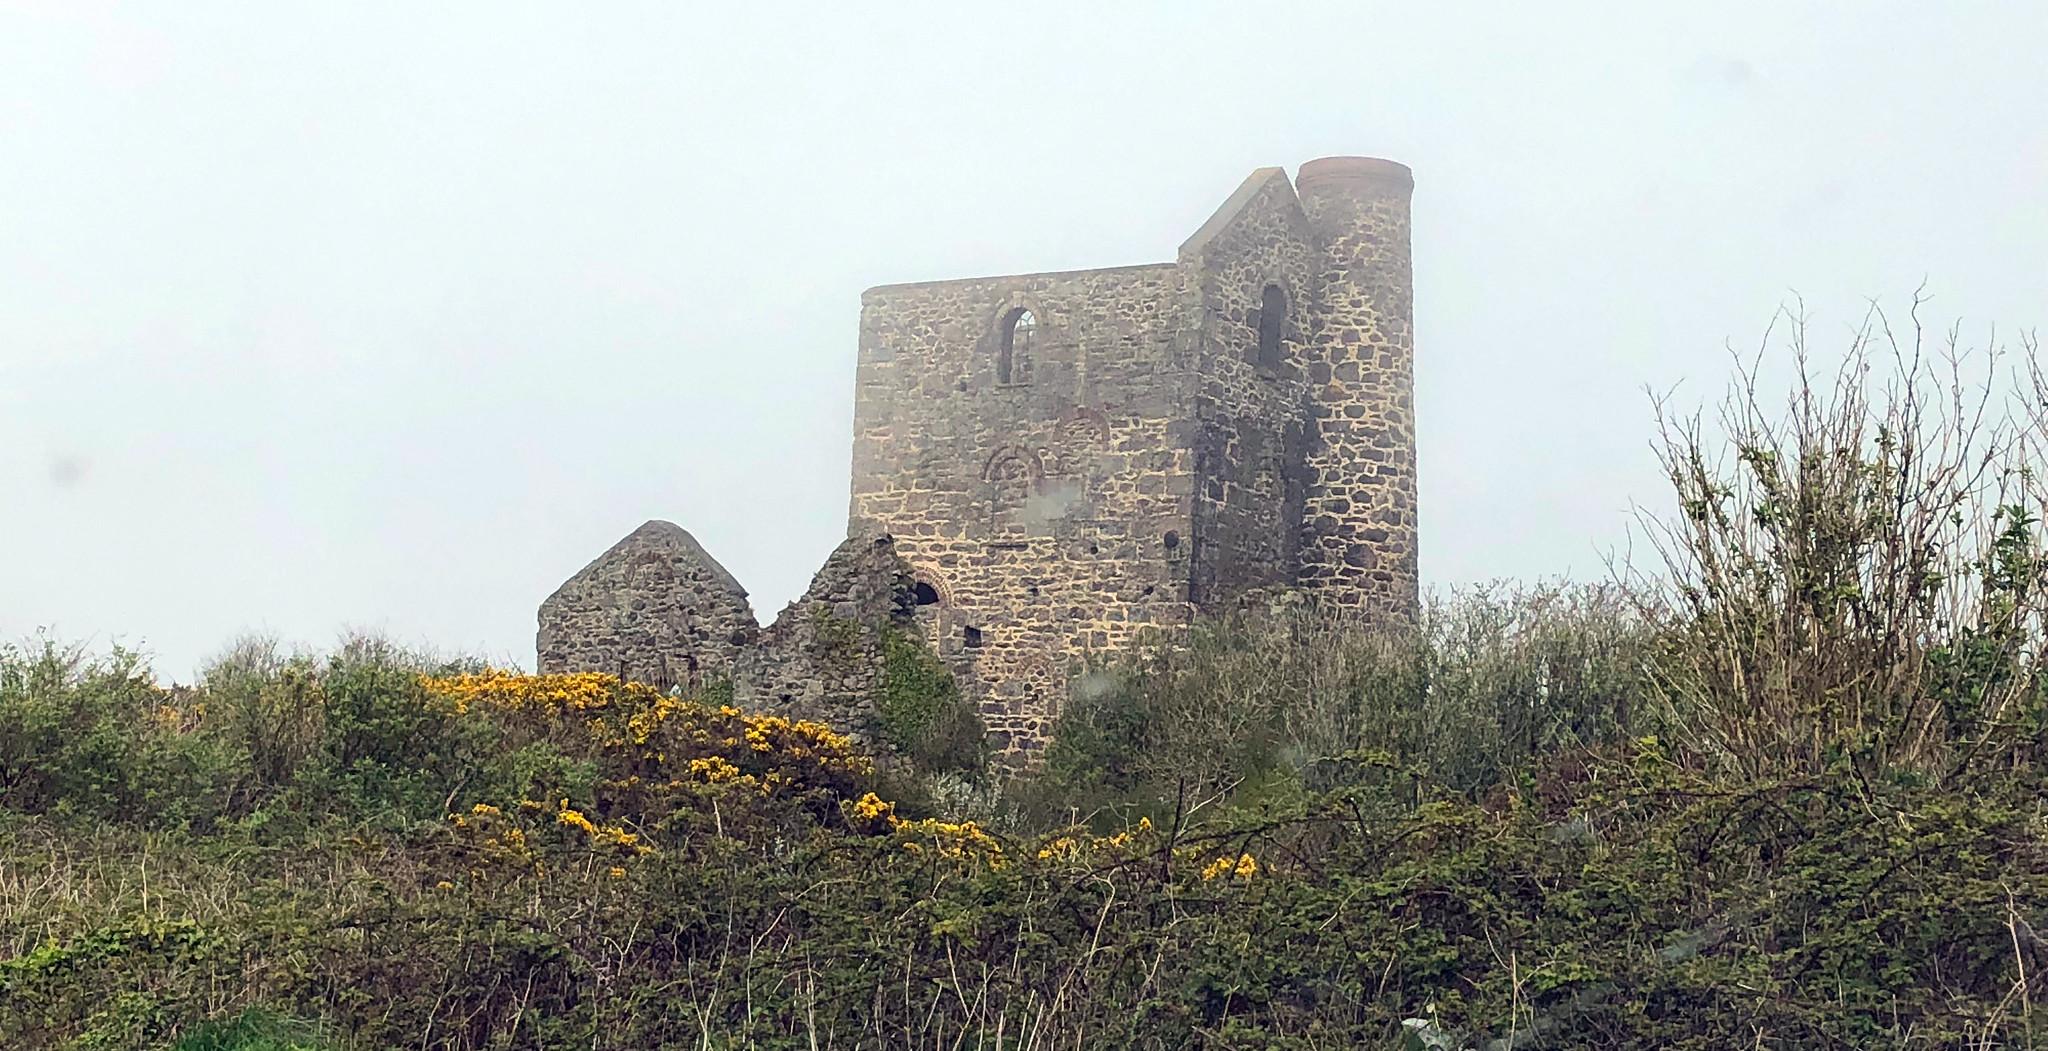 Qué ver en Cornwall, Cornualles - thewotme qué ver en cornwall - 48838320547 688378e977 k - Qué ver en Cornwall: ruta de 3 días